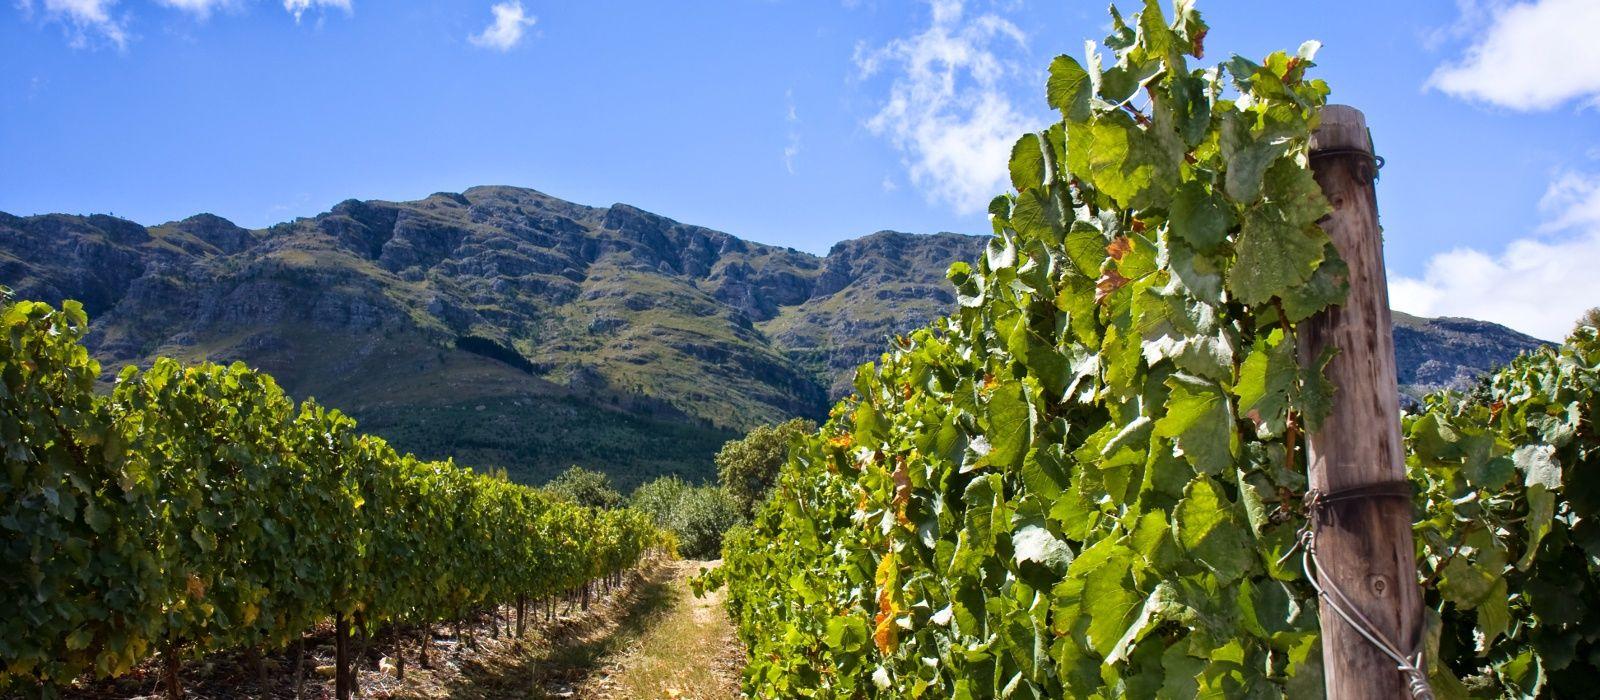 Destination Stellenbosch South Africa